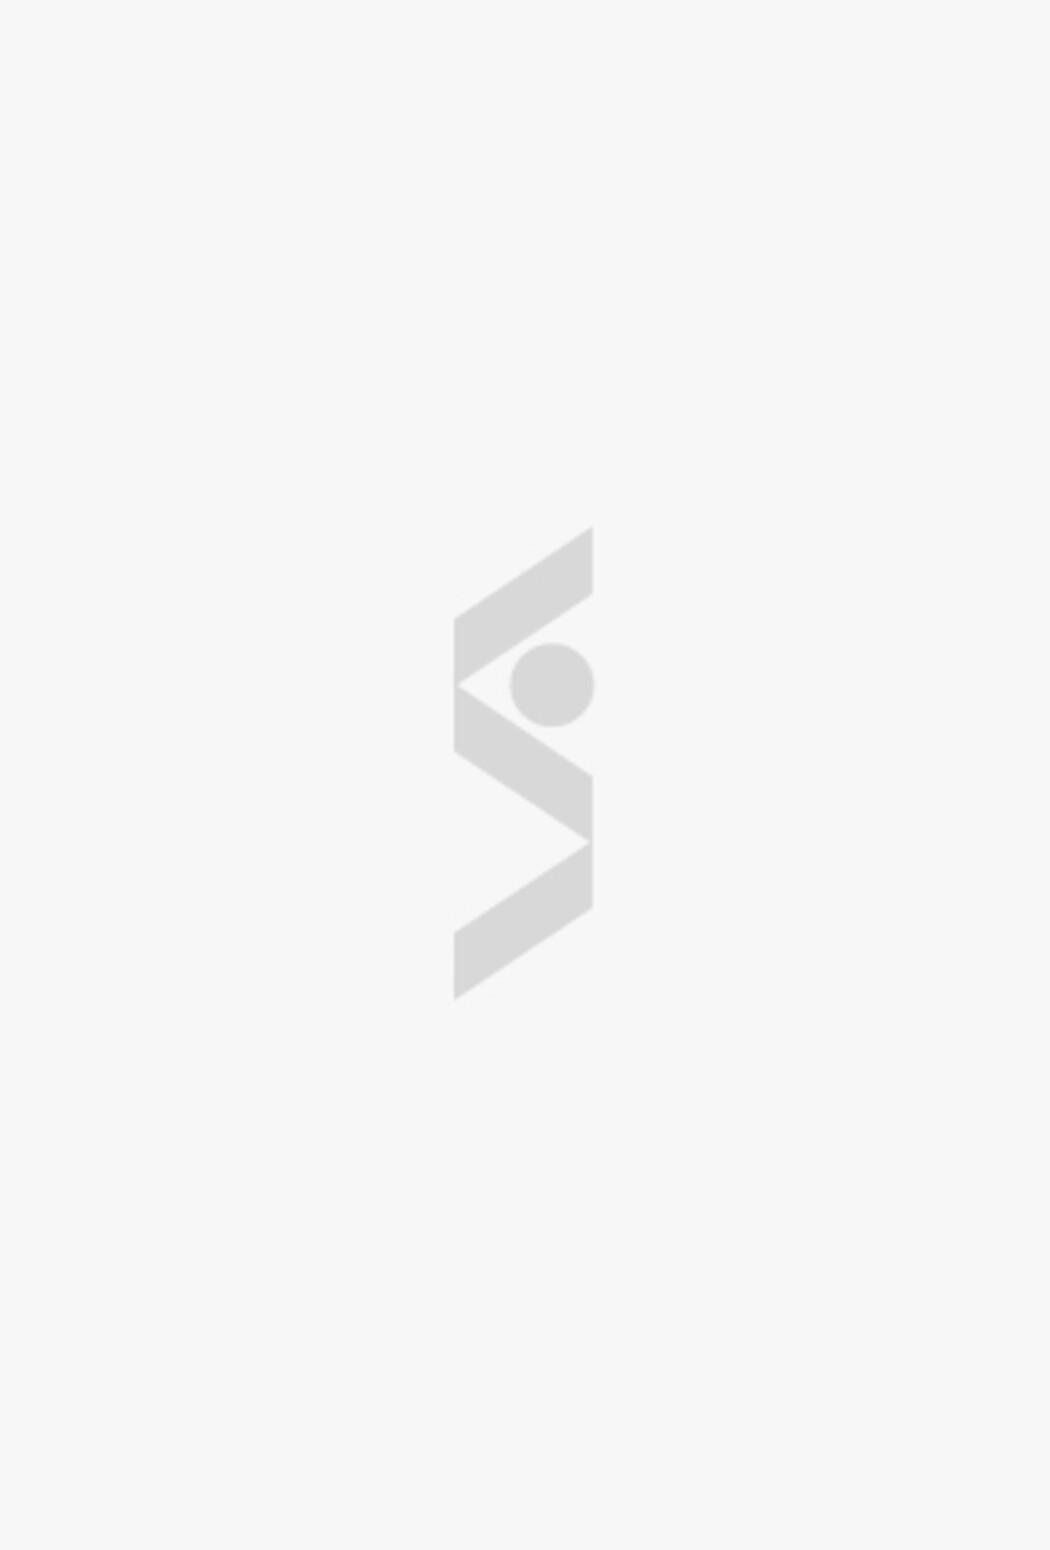 Солнцезащитный крем для лица против пигментации spf50 DIEGO DALLA PALMA - скоро в продаже в интернет-магазине СТОКМАНН в Москве